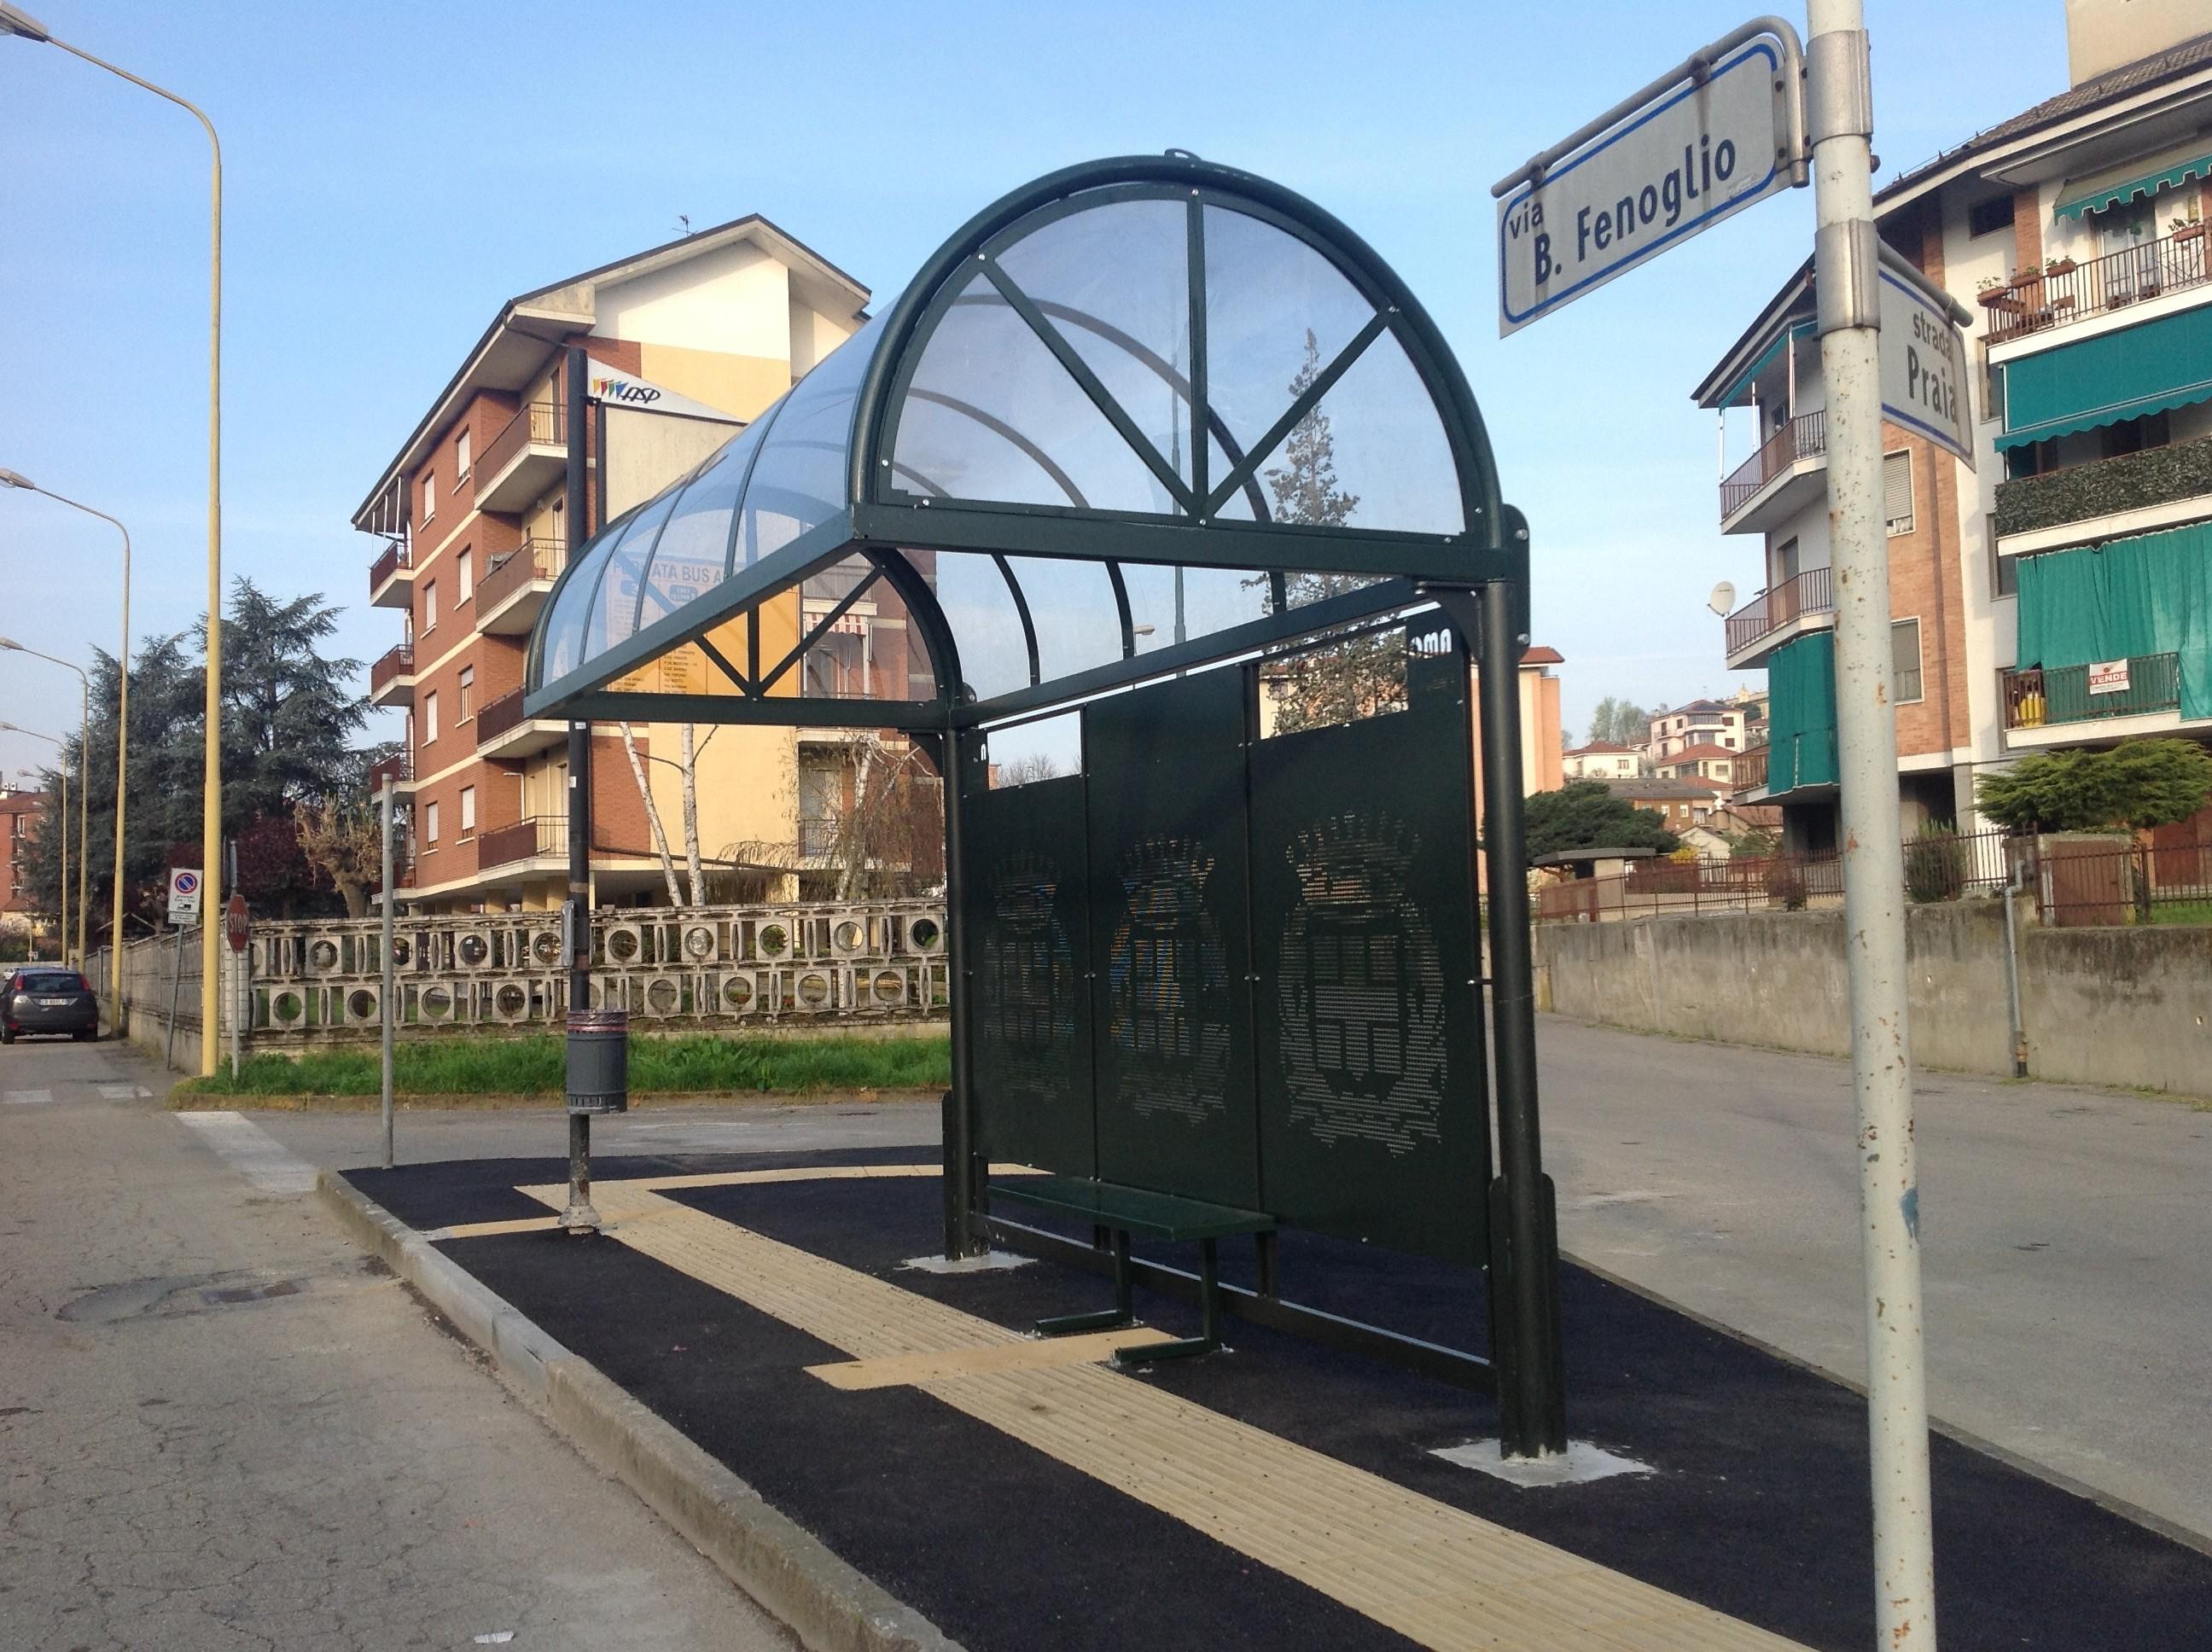 Si rifaranno il trucco le pensiline dei bus: 200mila euro della Regione ad Asti